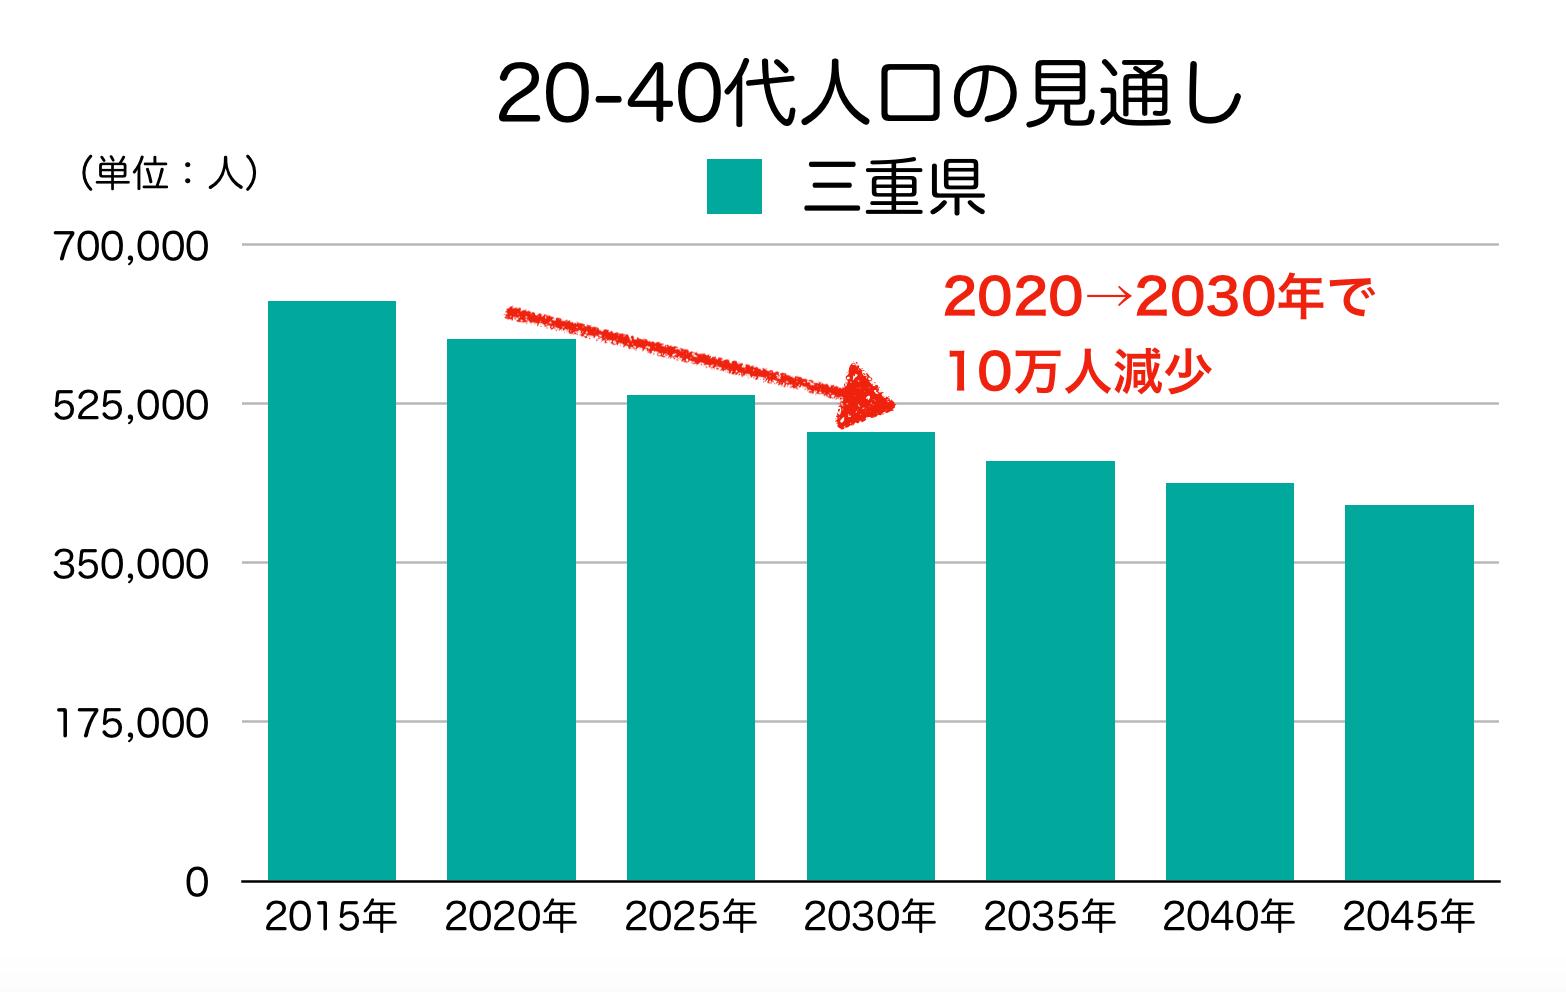 三重県の20-40代人口の見通し